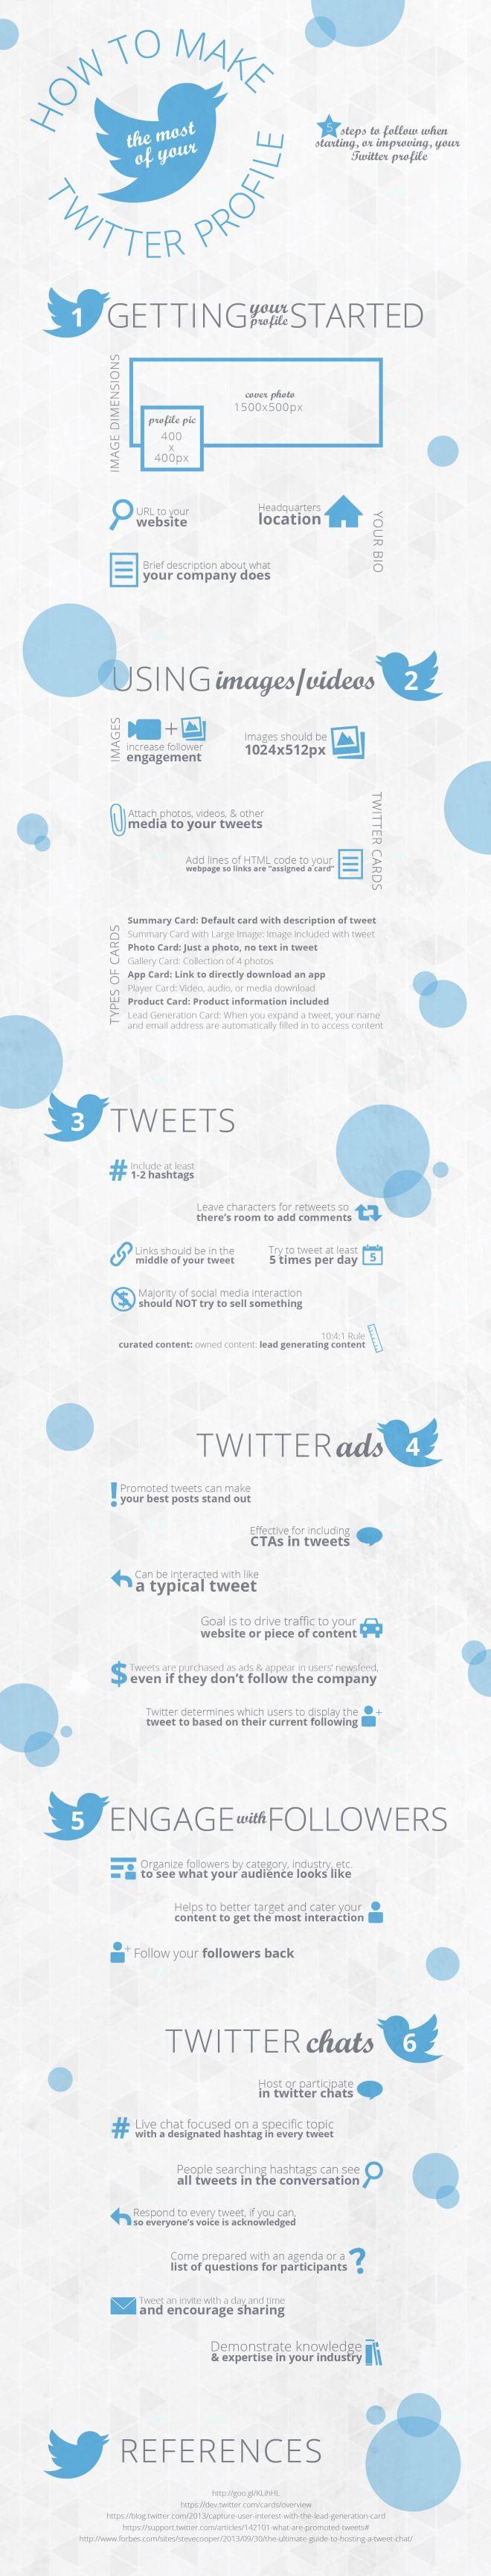 Cómo hacer el mejor perfil de Twitter